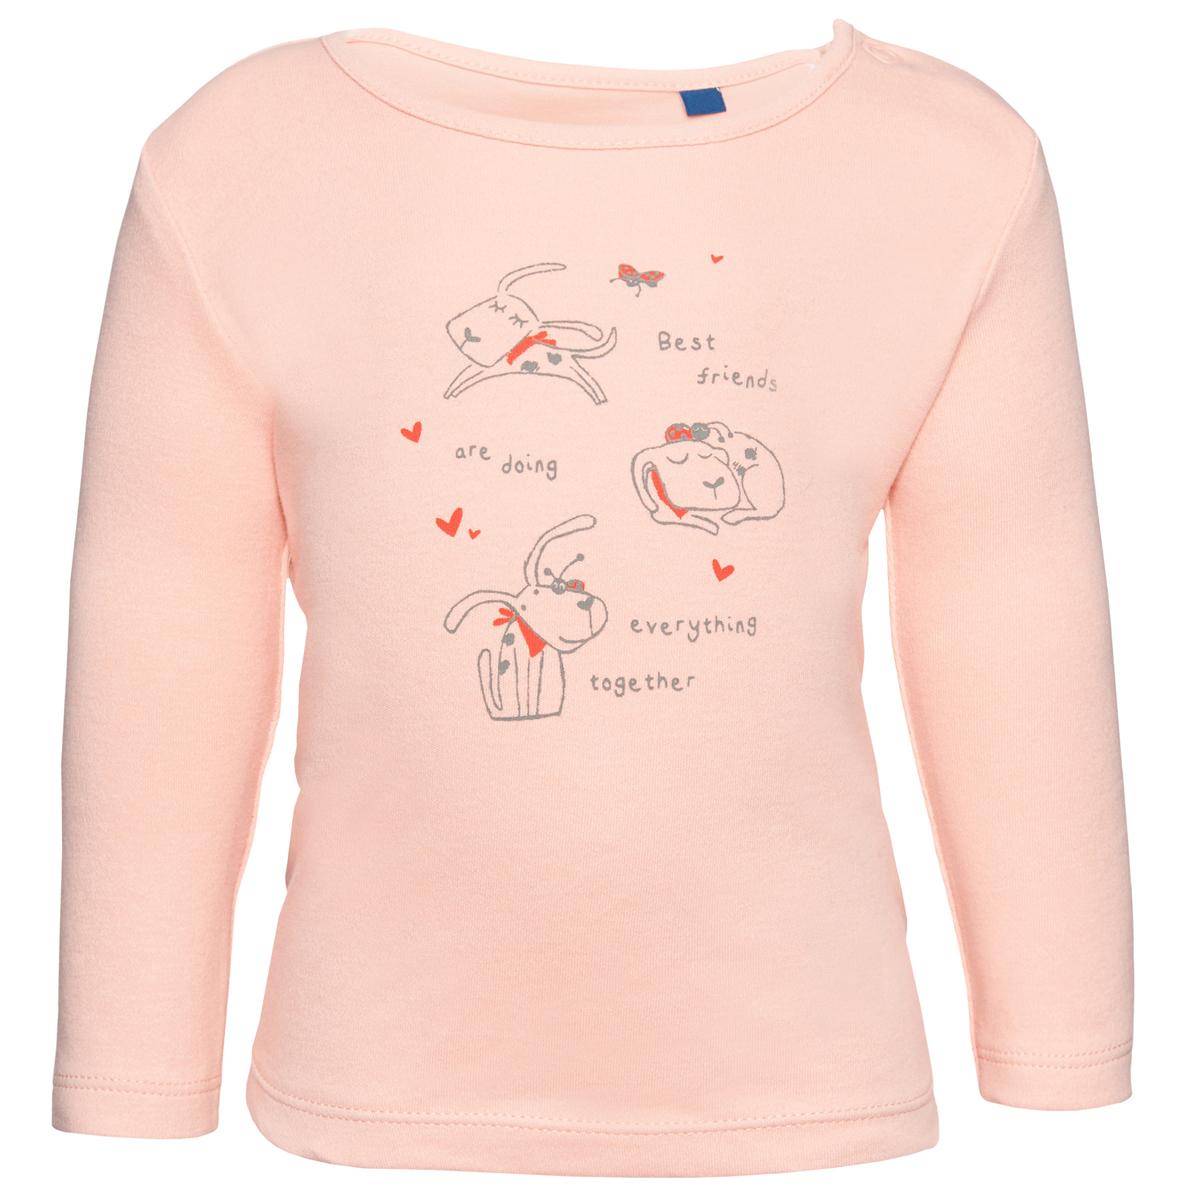 Лонгслив для девочки Tom Tailor, цвет: розовый. 1034533.00.21_5515. Размер 801034533.00.21_5515Лонгслив выполнен из высококачественного материала. Модель с круглым вырезом горловины, длинными рукавами оформлена принтовым рисунком.